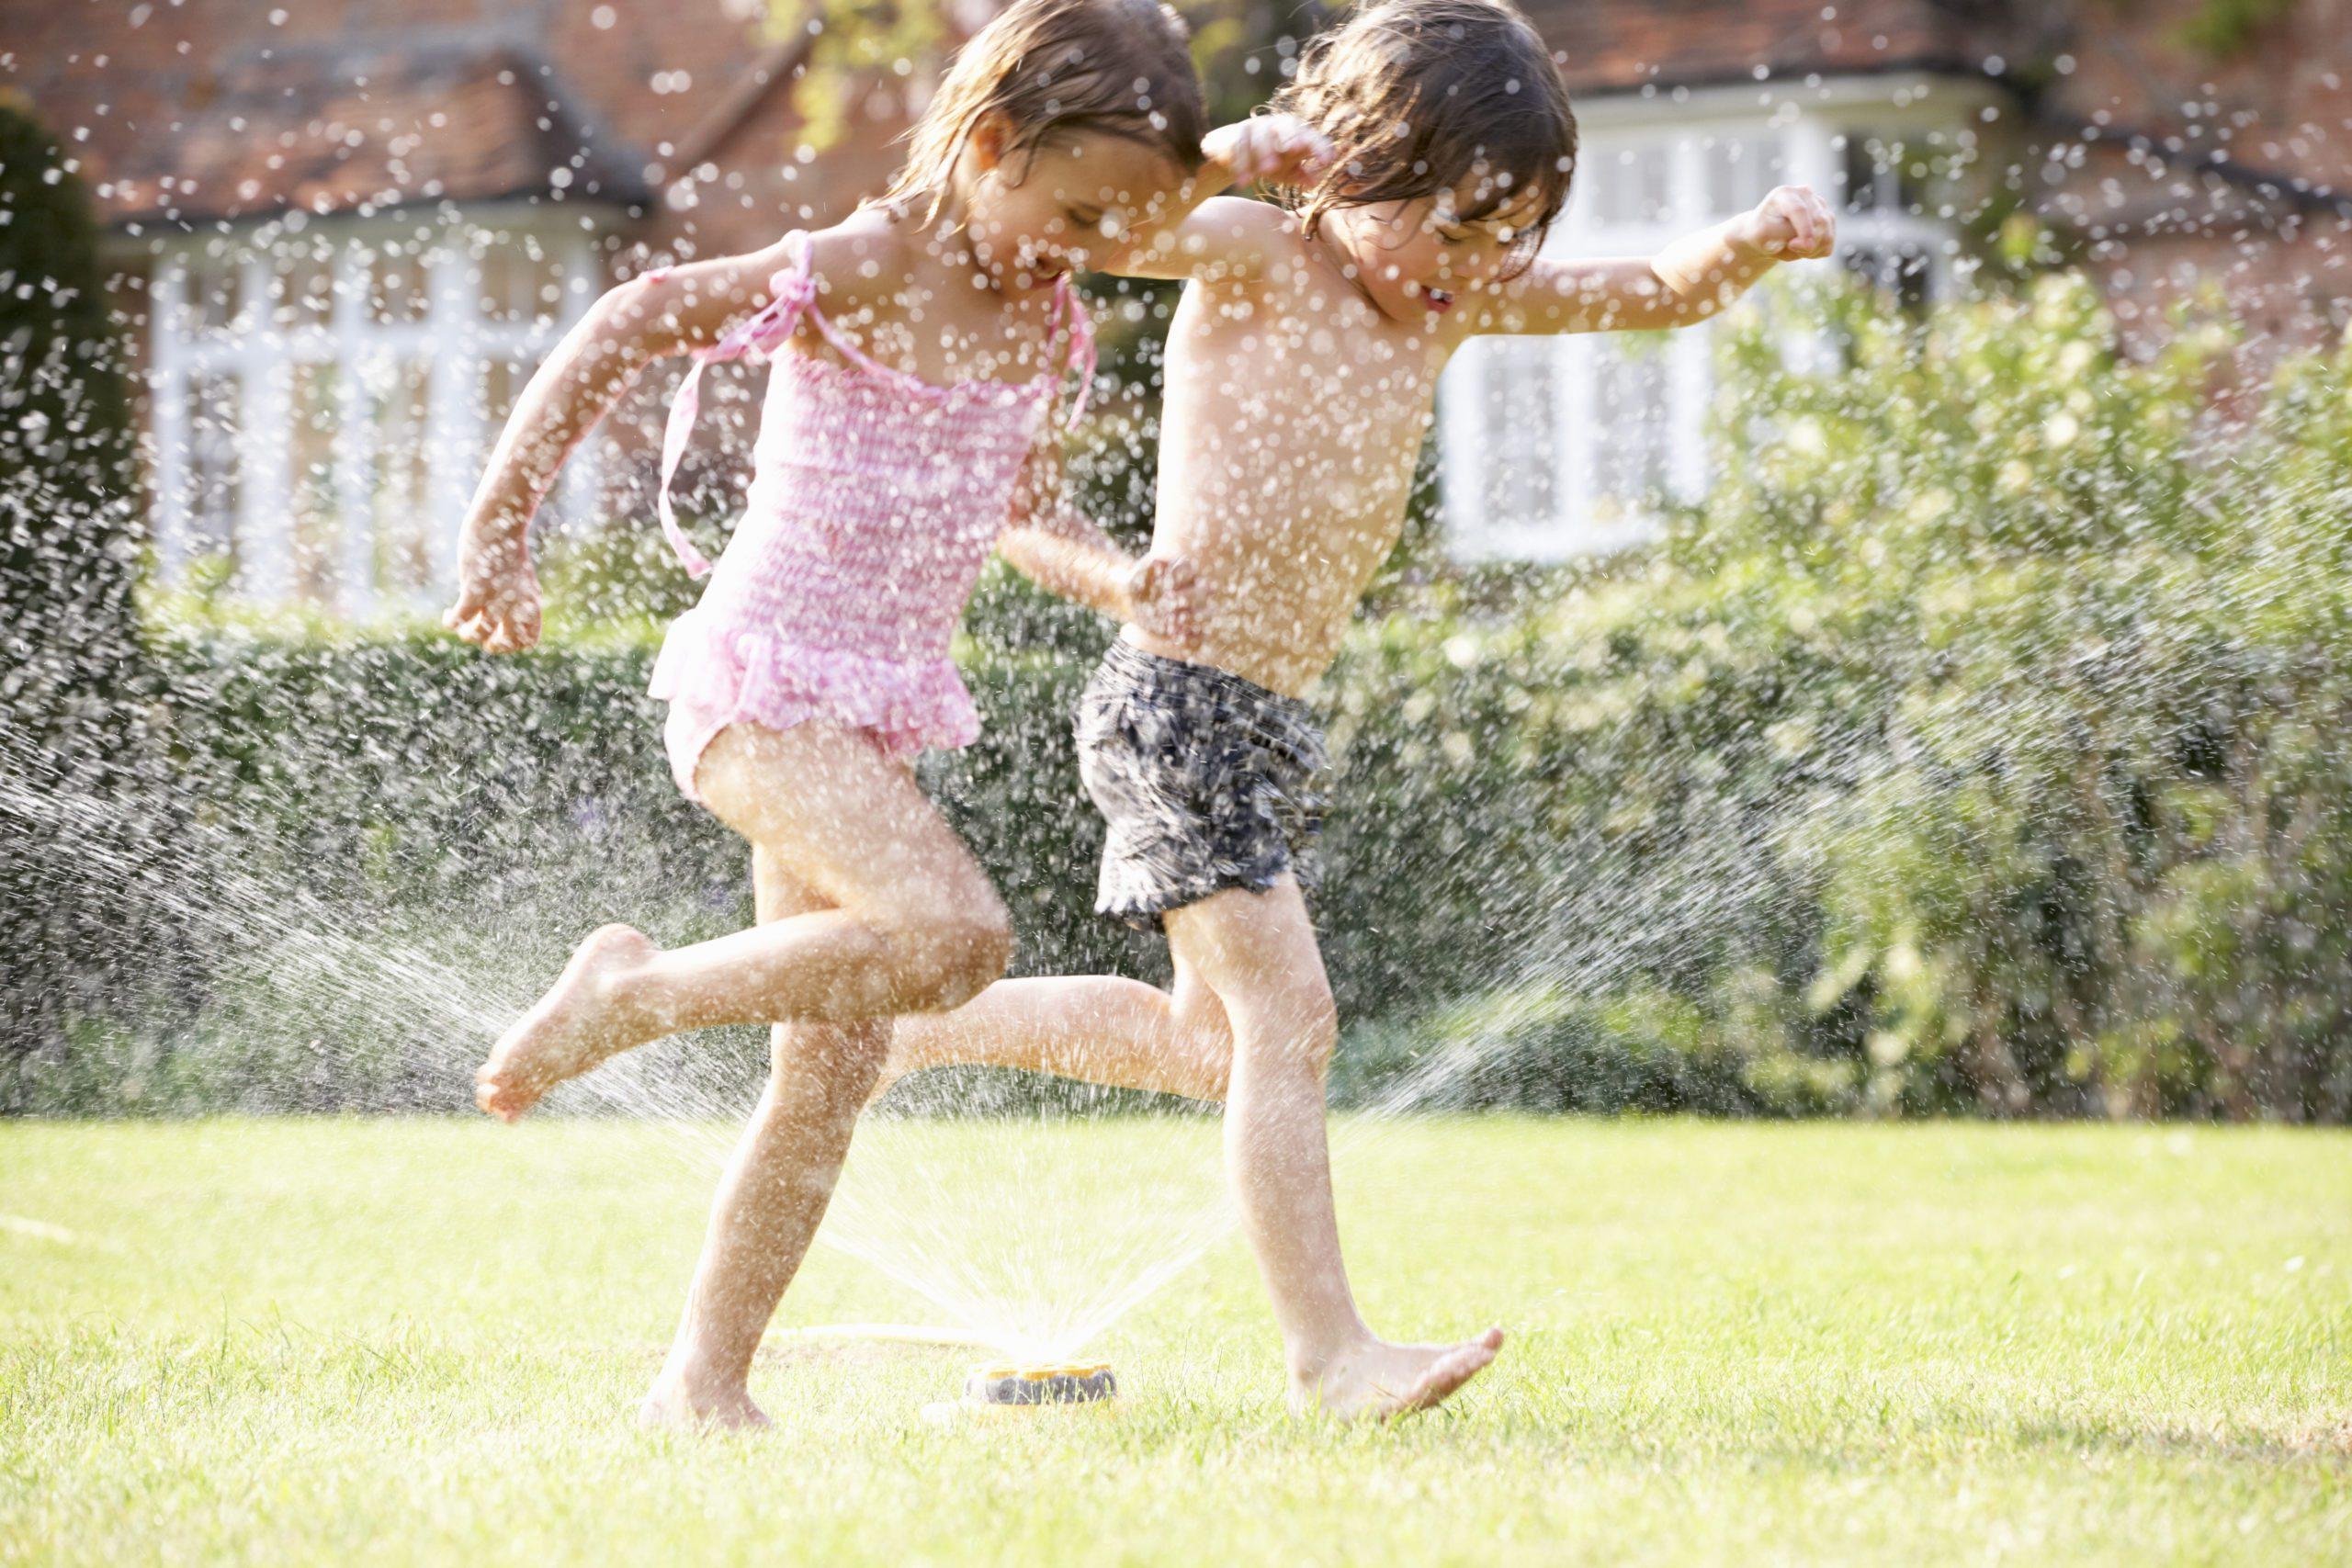 two children running through a garden sprinkler